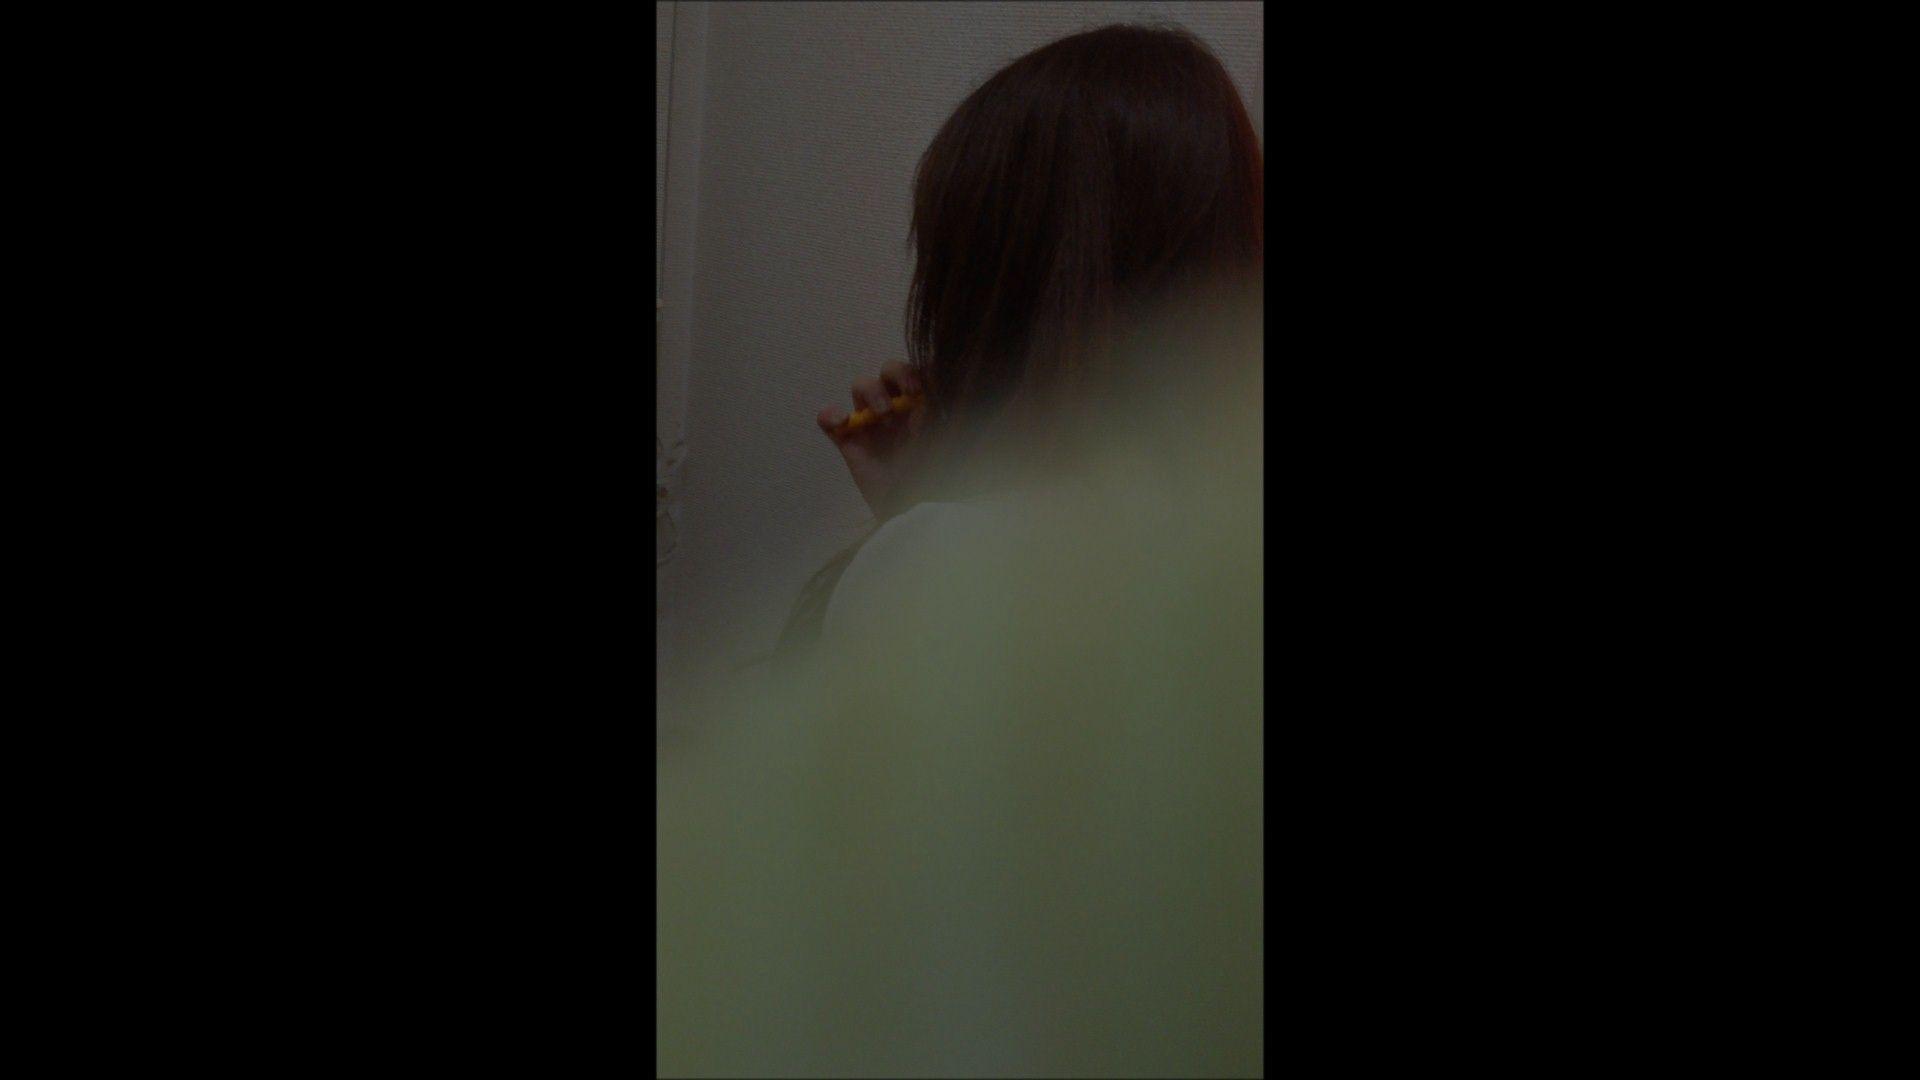 08(8日目)メイク中の彼女の顔を撮りました! マンコ特集 | オマンコ丸見え  59連発 37